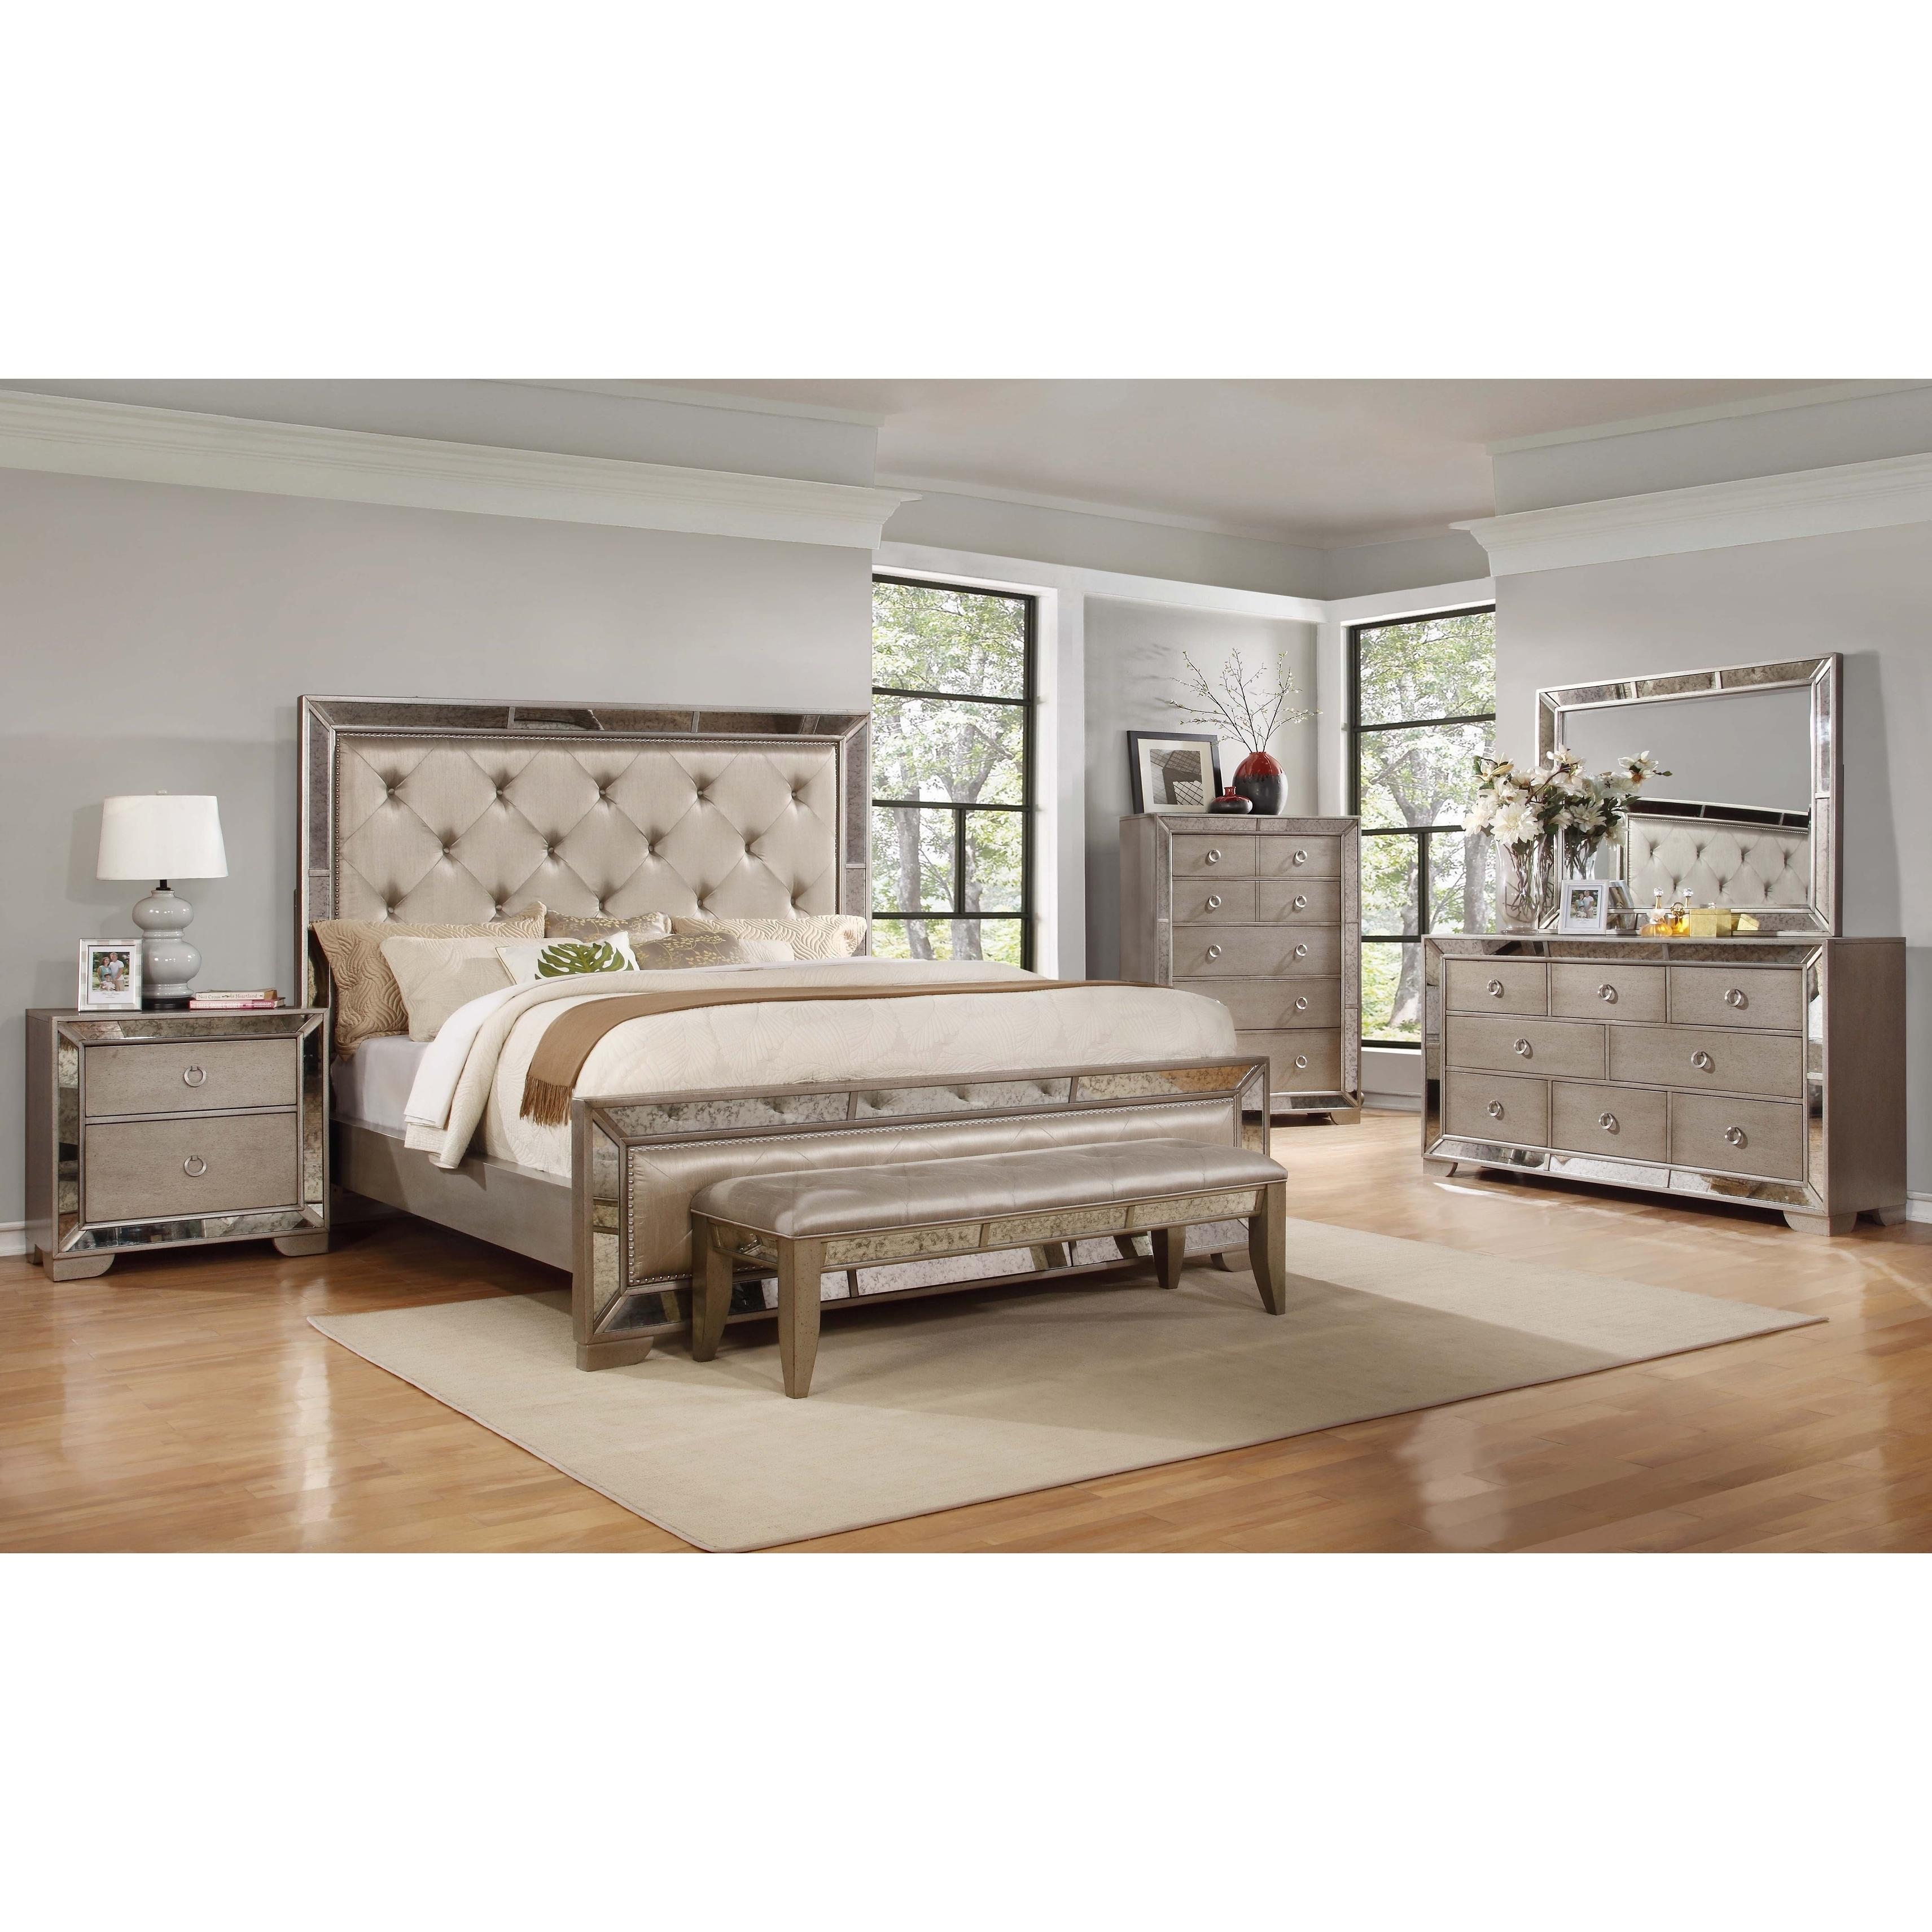 Best Master Furniture Ava 5 Piece Bedroom Set Overstock 20194171